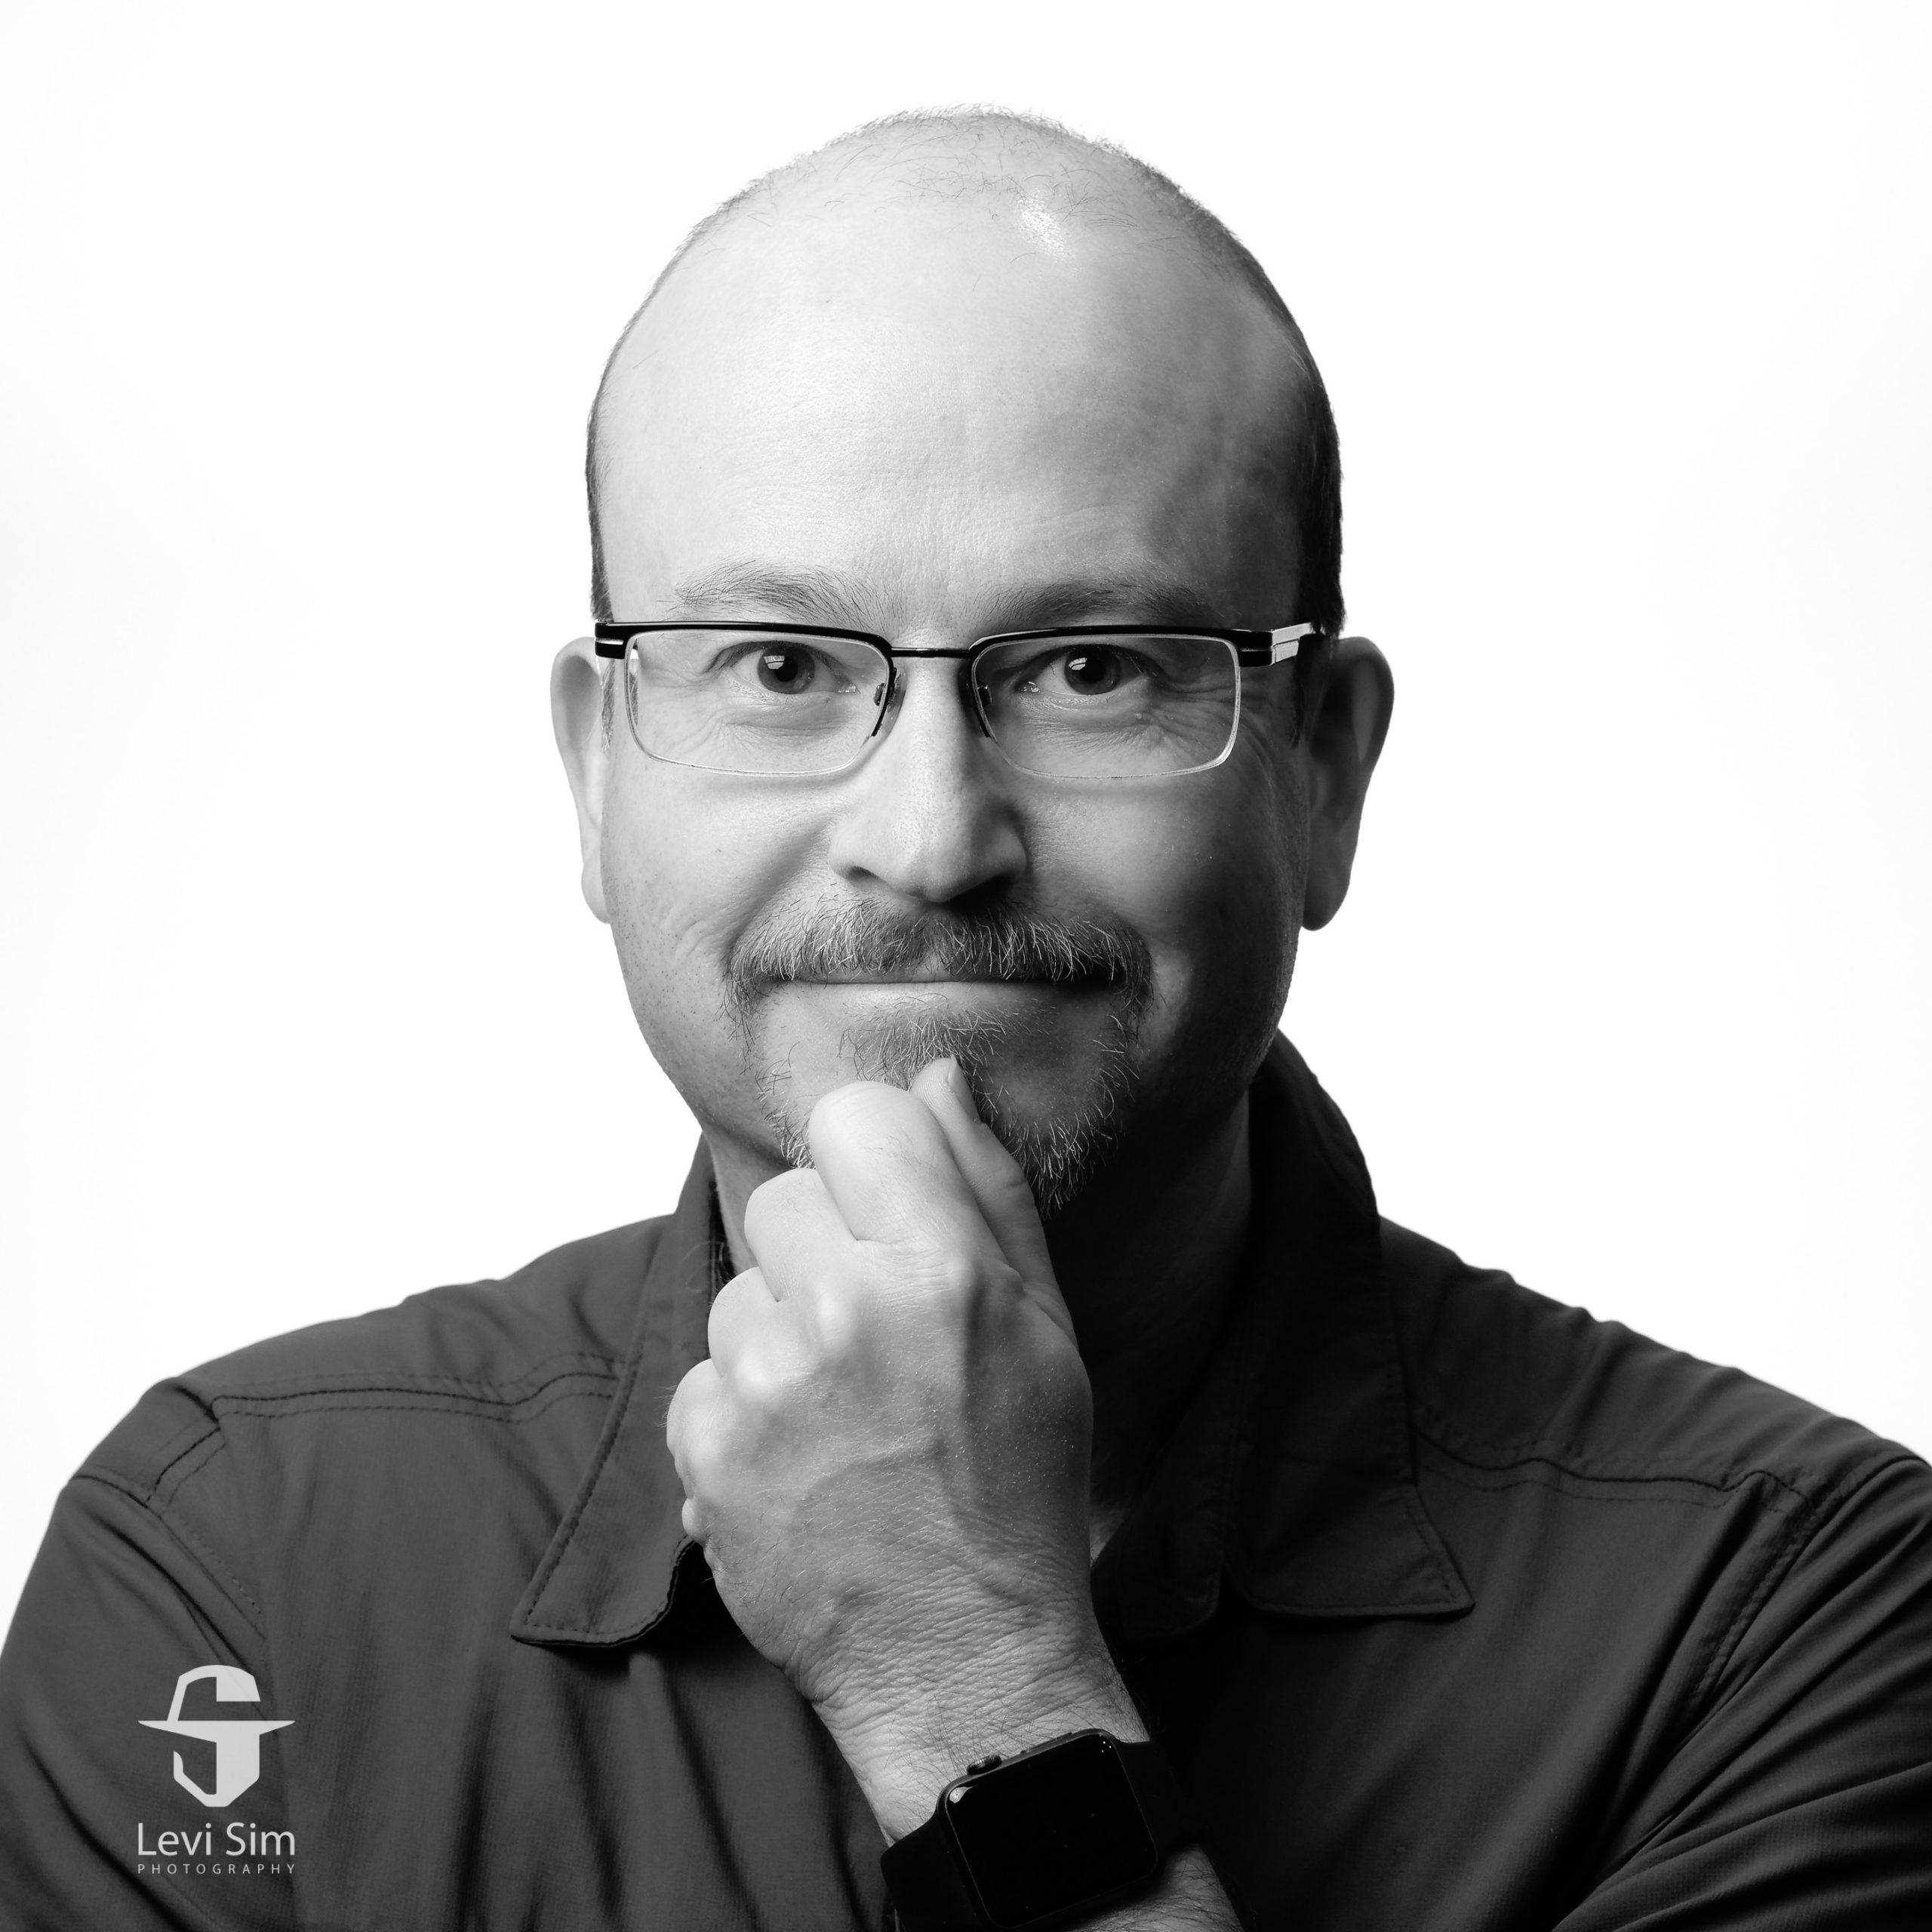 Levi Sim Steve Jobs Portrait Project Out Of Chicago 2017-4